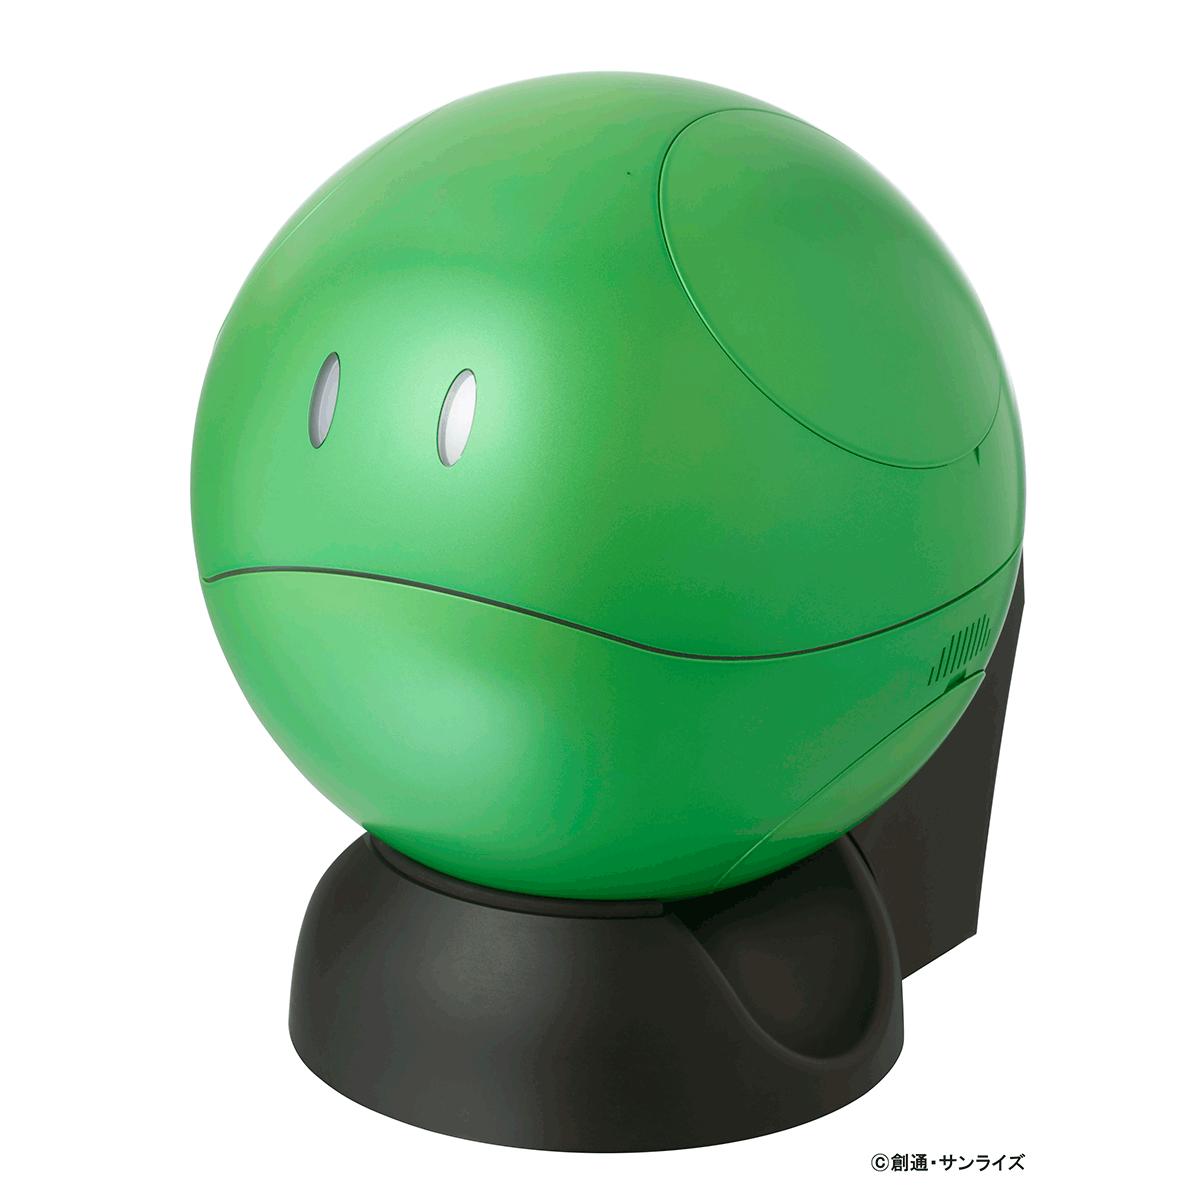 機動戦士ガンダム『ガンシェルジュ ハロ』コミュニケーションロボット-004